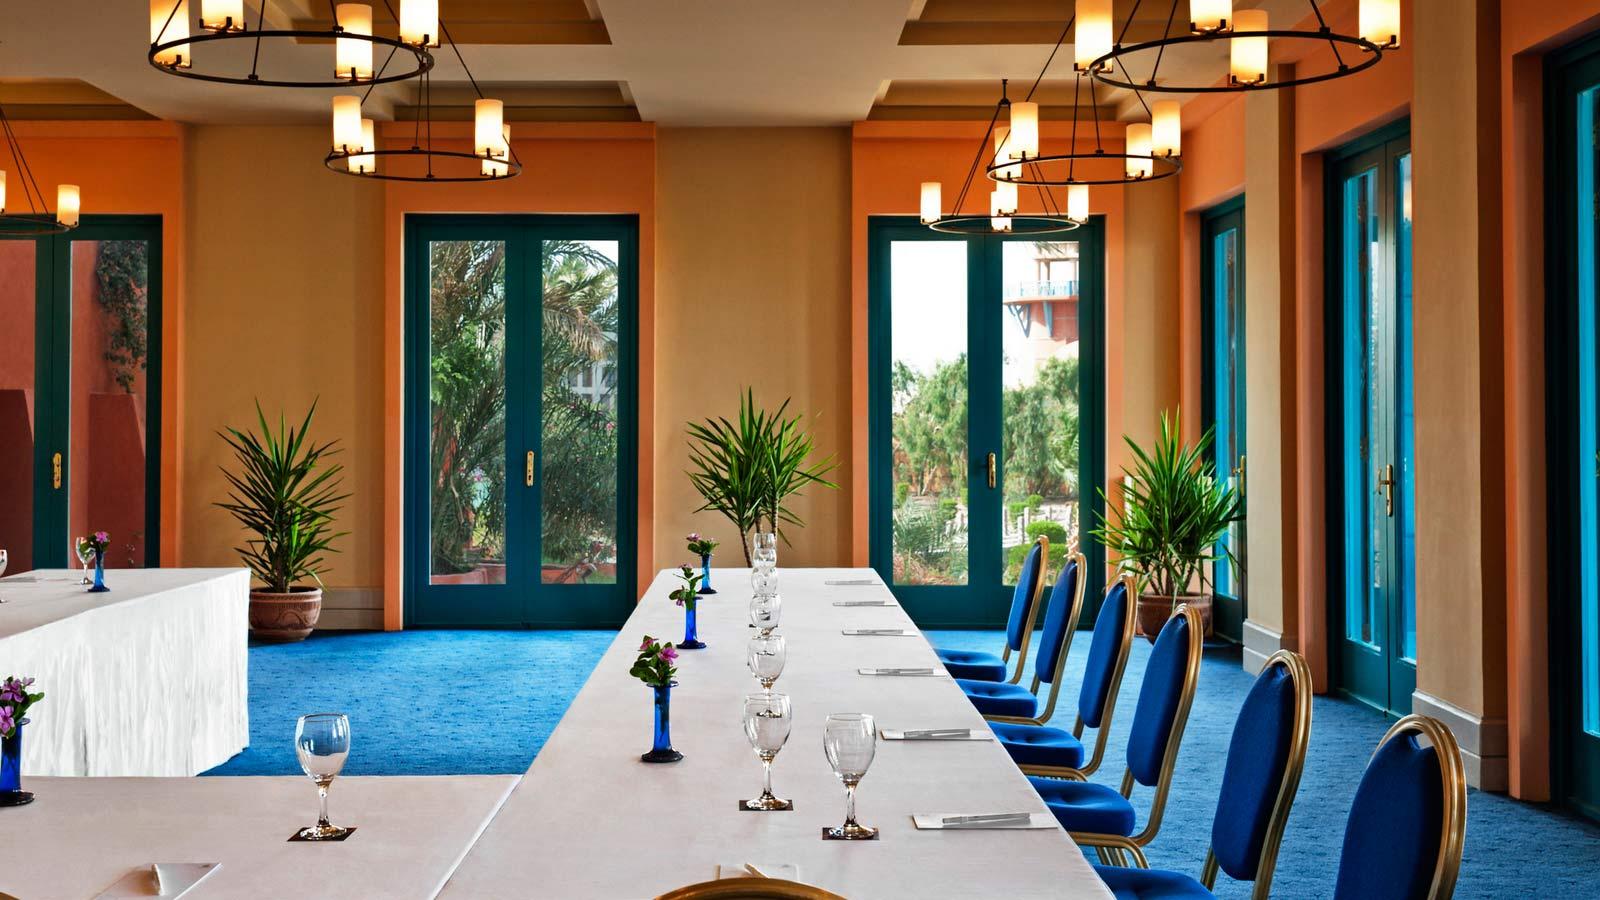 Sheraton Miramar Resort El Gouna image3